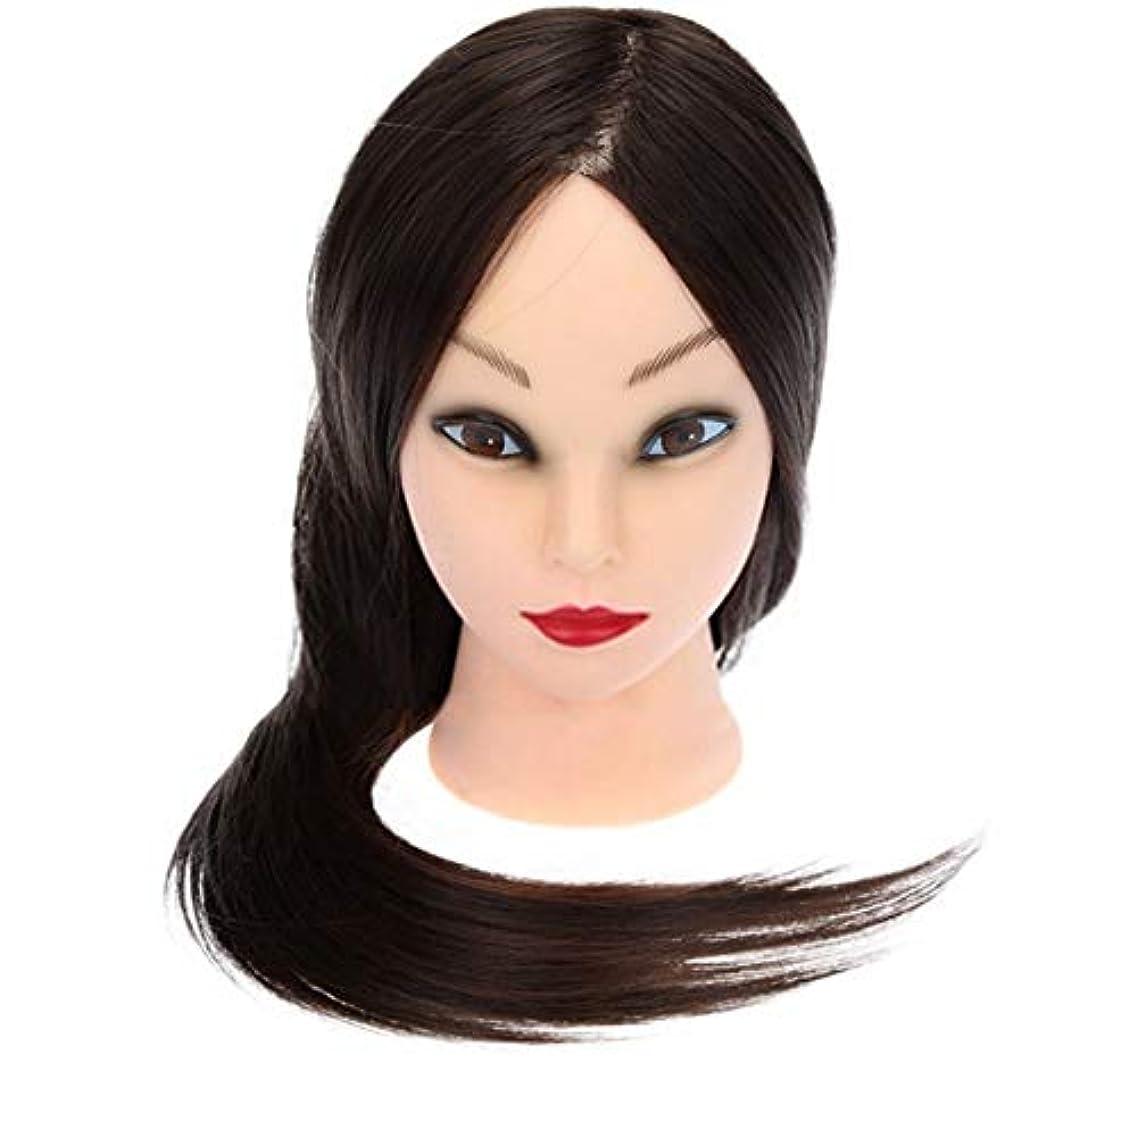 権限を与える幸運ジョージスティーブンソン練習ディスク髪編組ヘアモデル理髪店スクールティーチングヘッドロングかつら美容マネキンヘッド